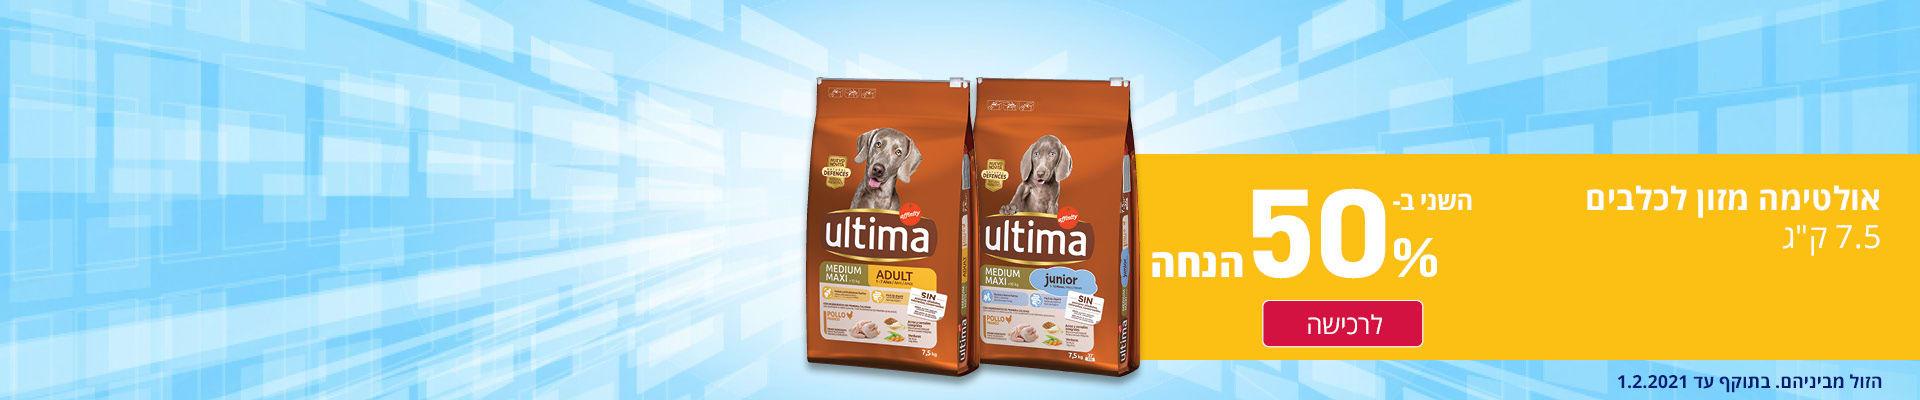 """אולטימה מזון לכלבים 7.5 ק""""ג השני ב- 50% הנחה לרכישה בתוקף עד 1.2.2021"""